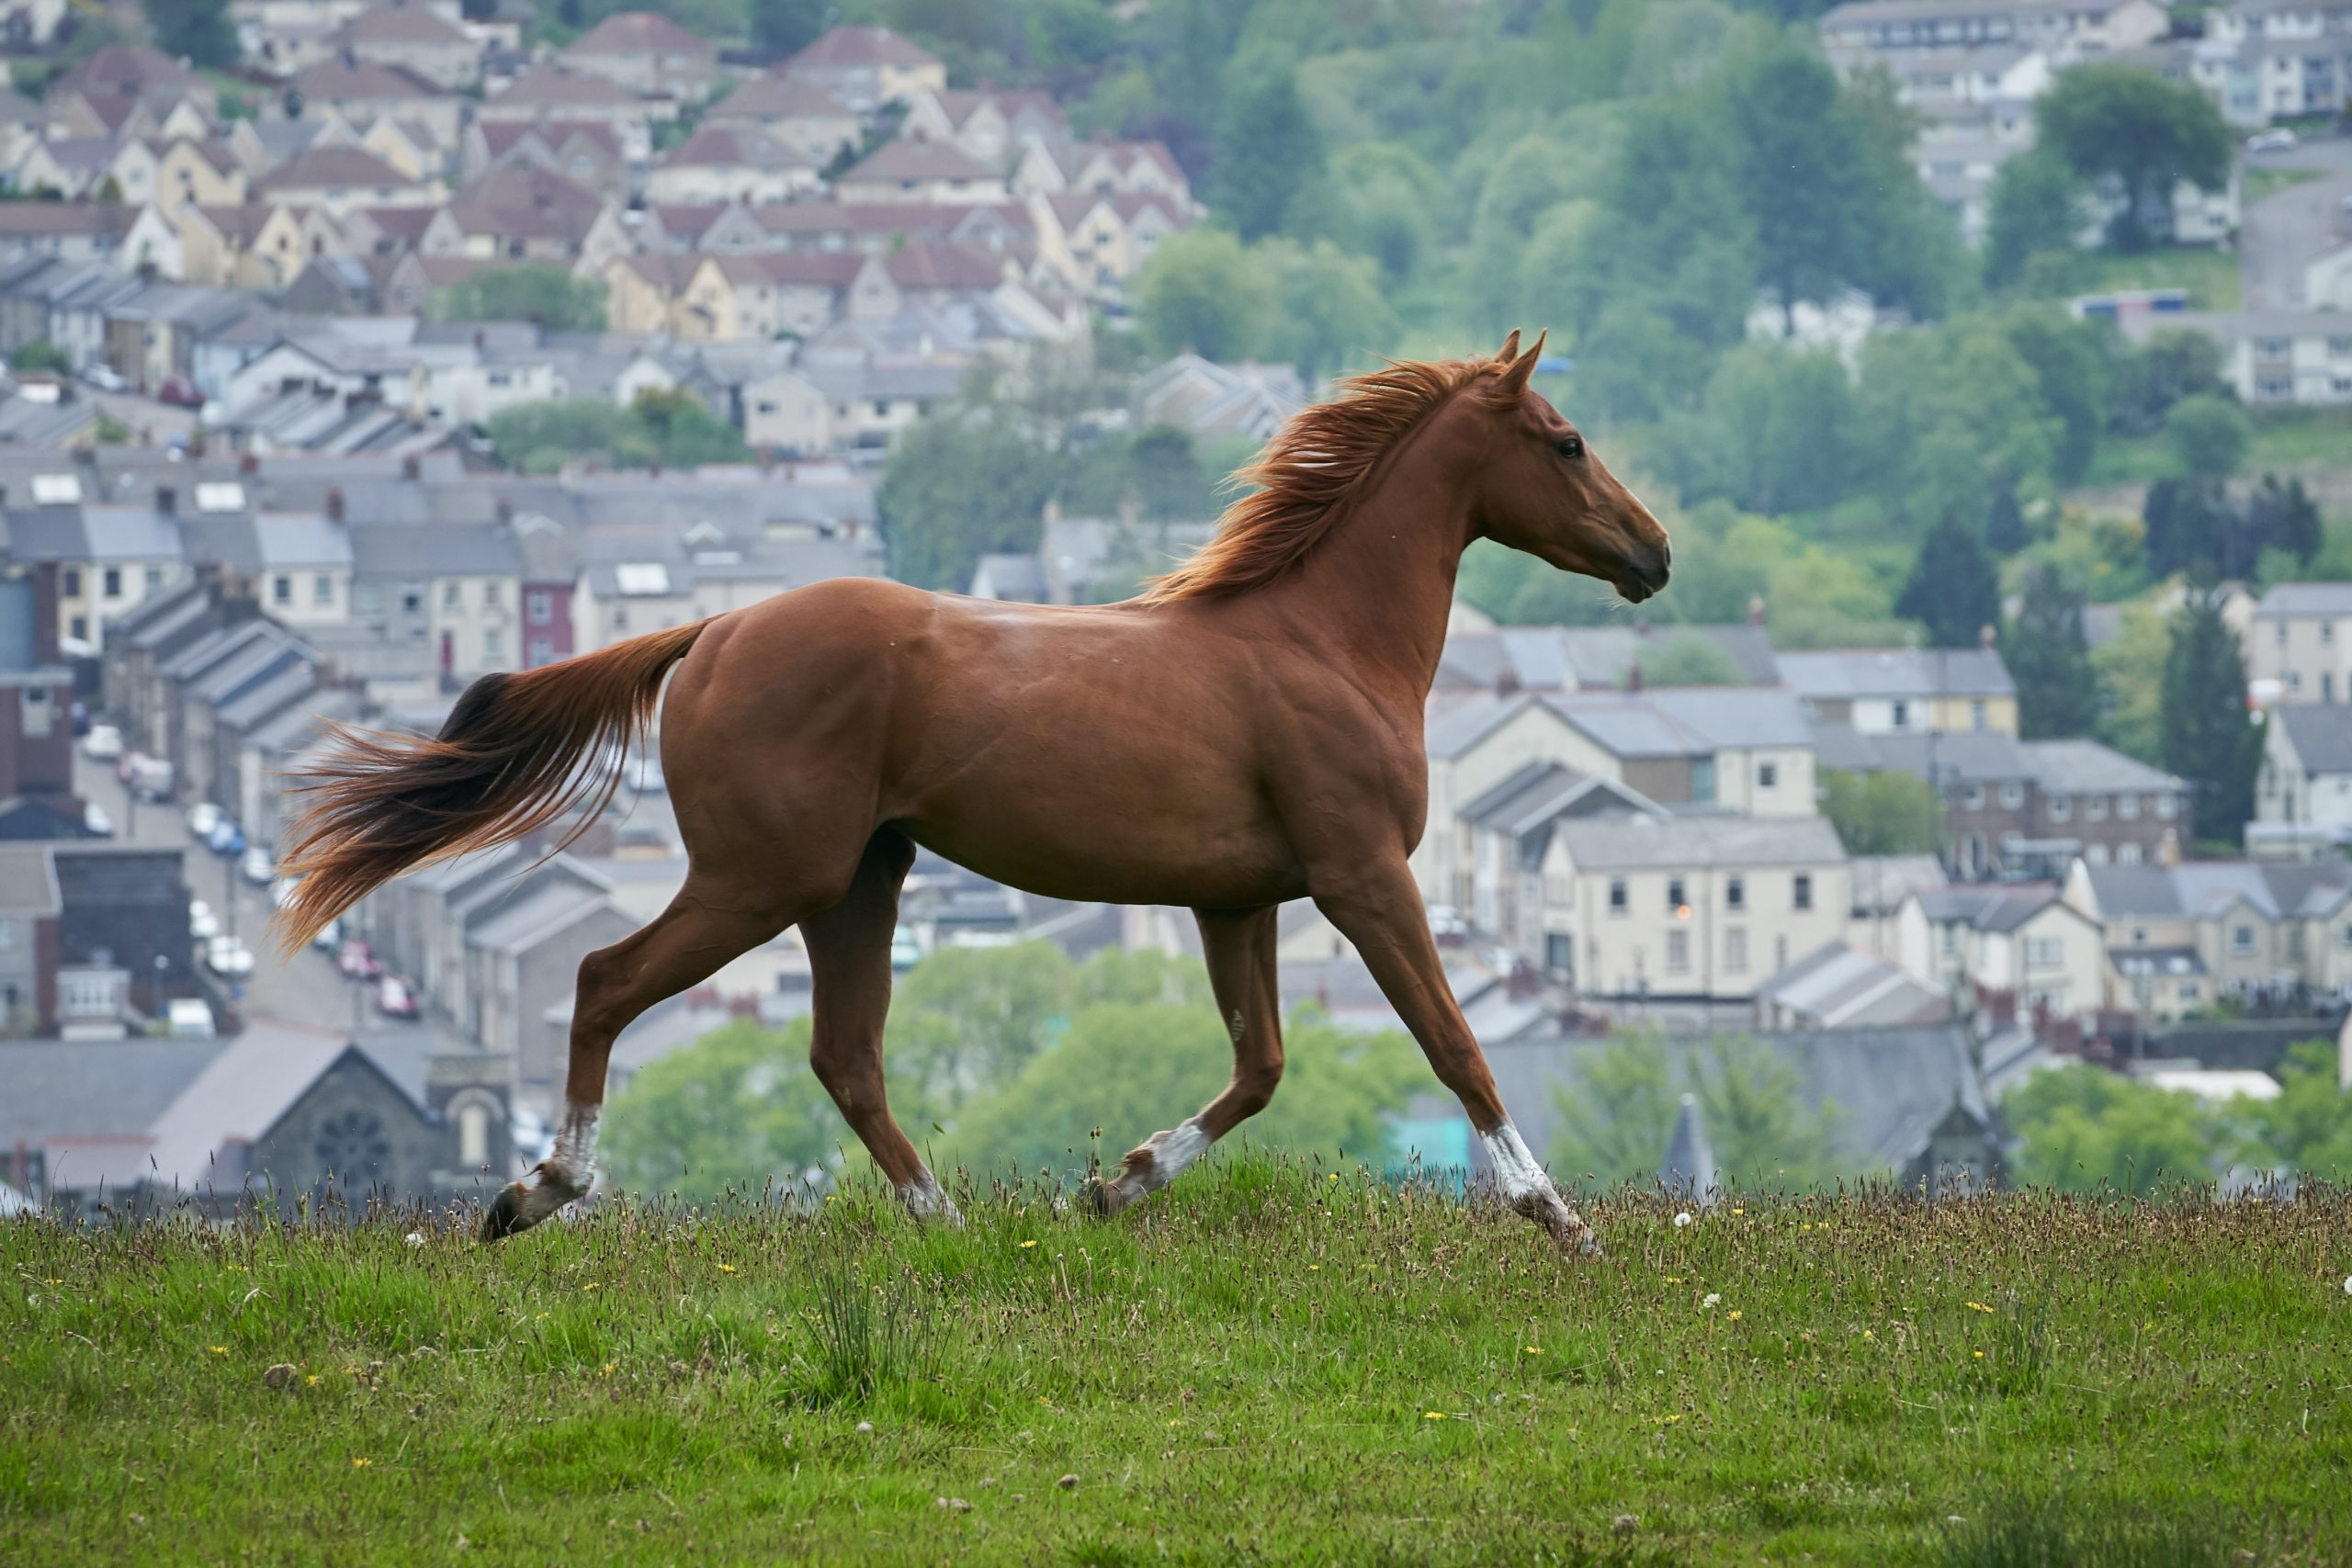 Dream Horse Filmszene - Ein Pferd auf einem Hügel vor der Kulisse einer englischen Kleinstadt